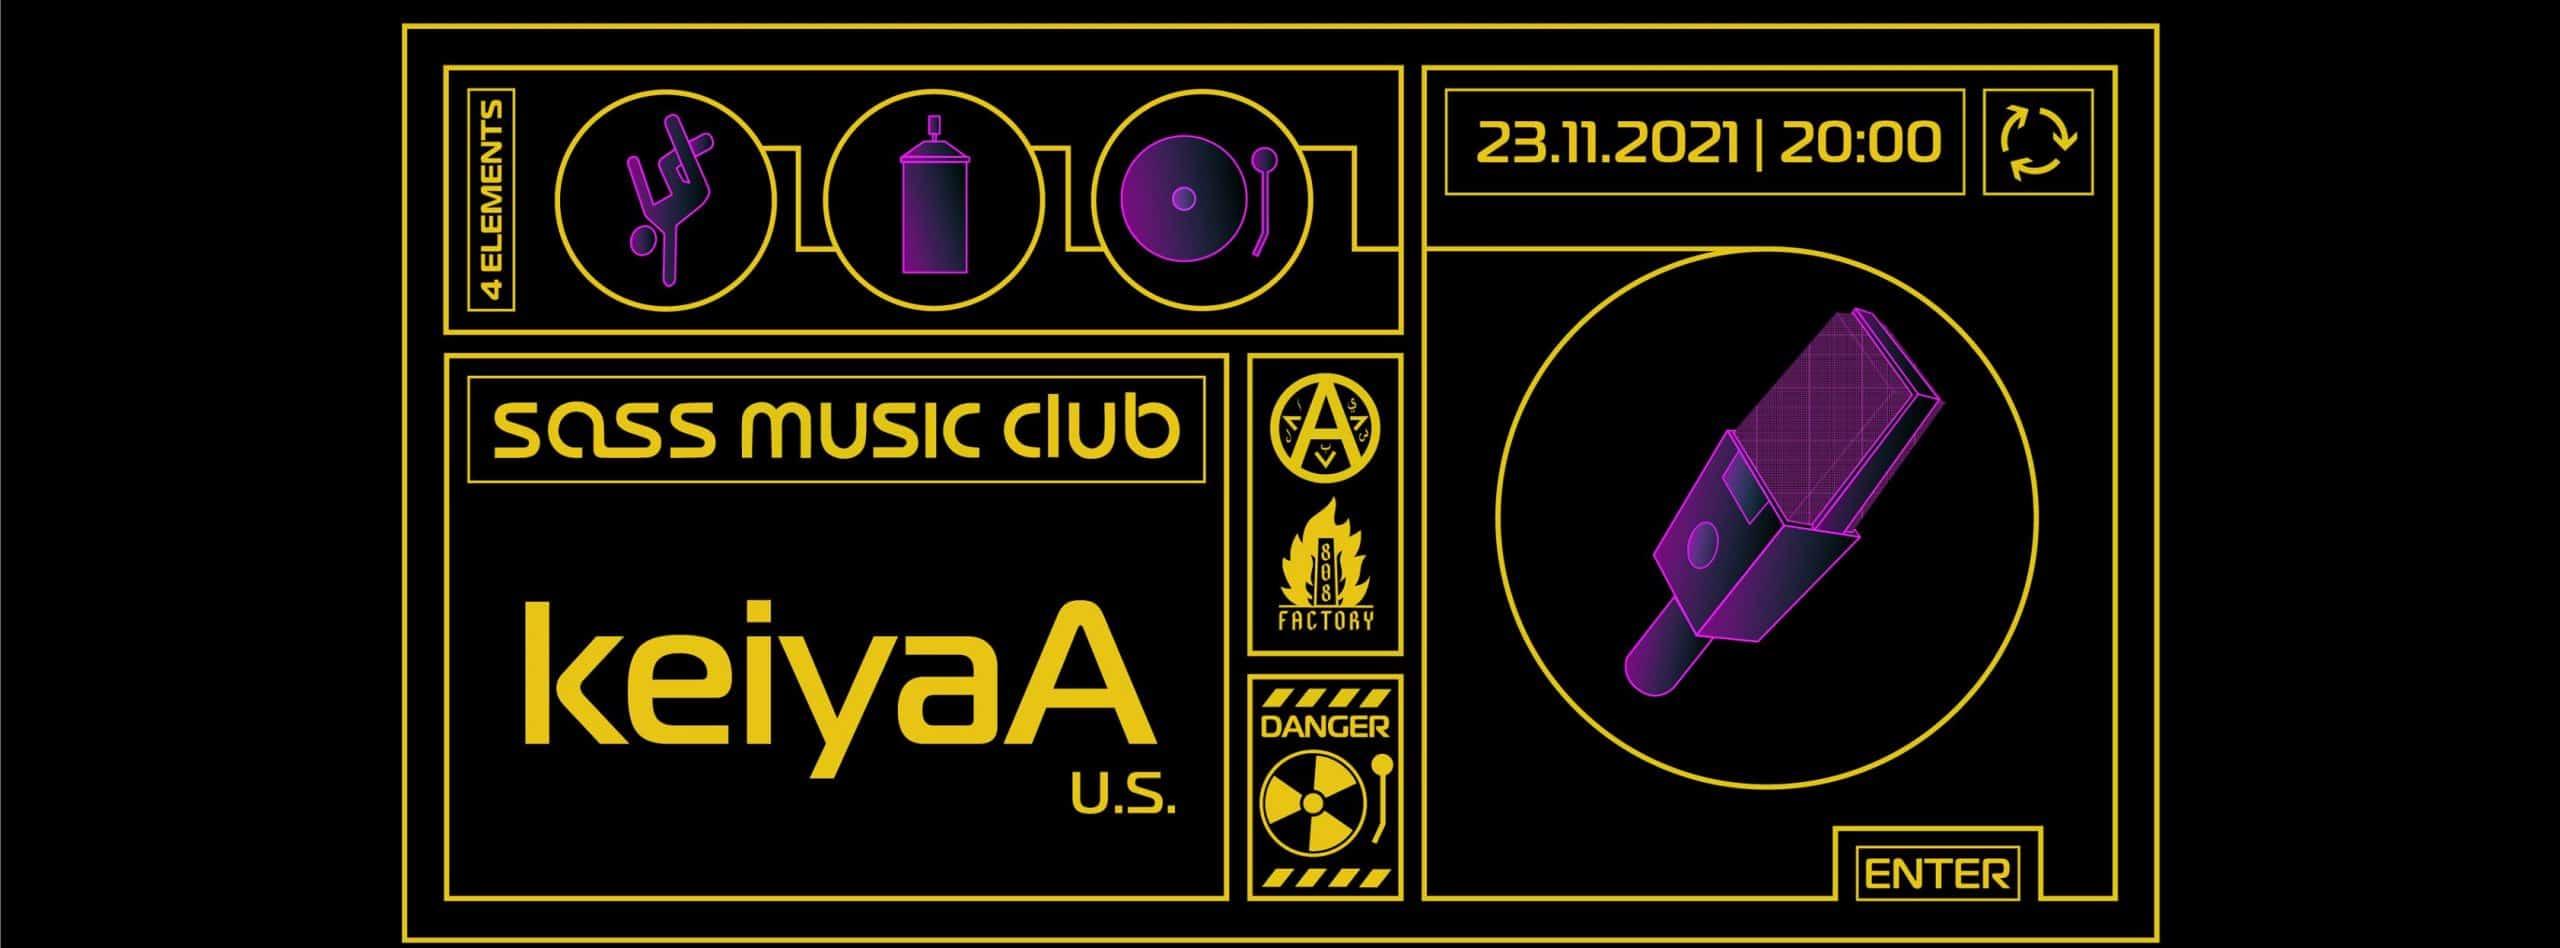 Events Wien: Goldcuts w/ keiyaA // Demae